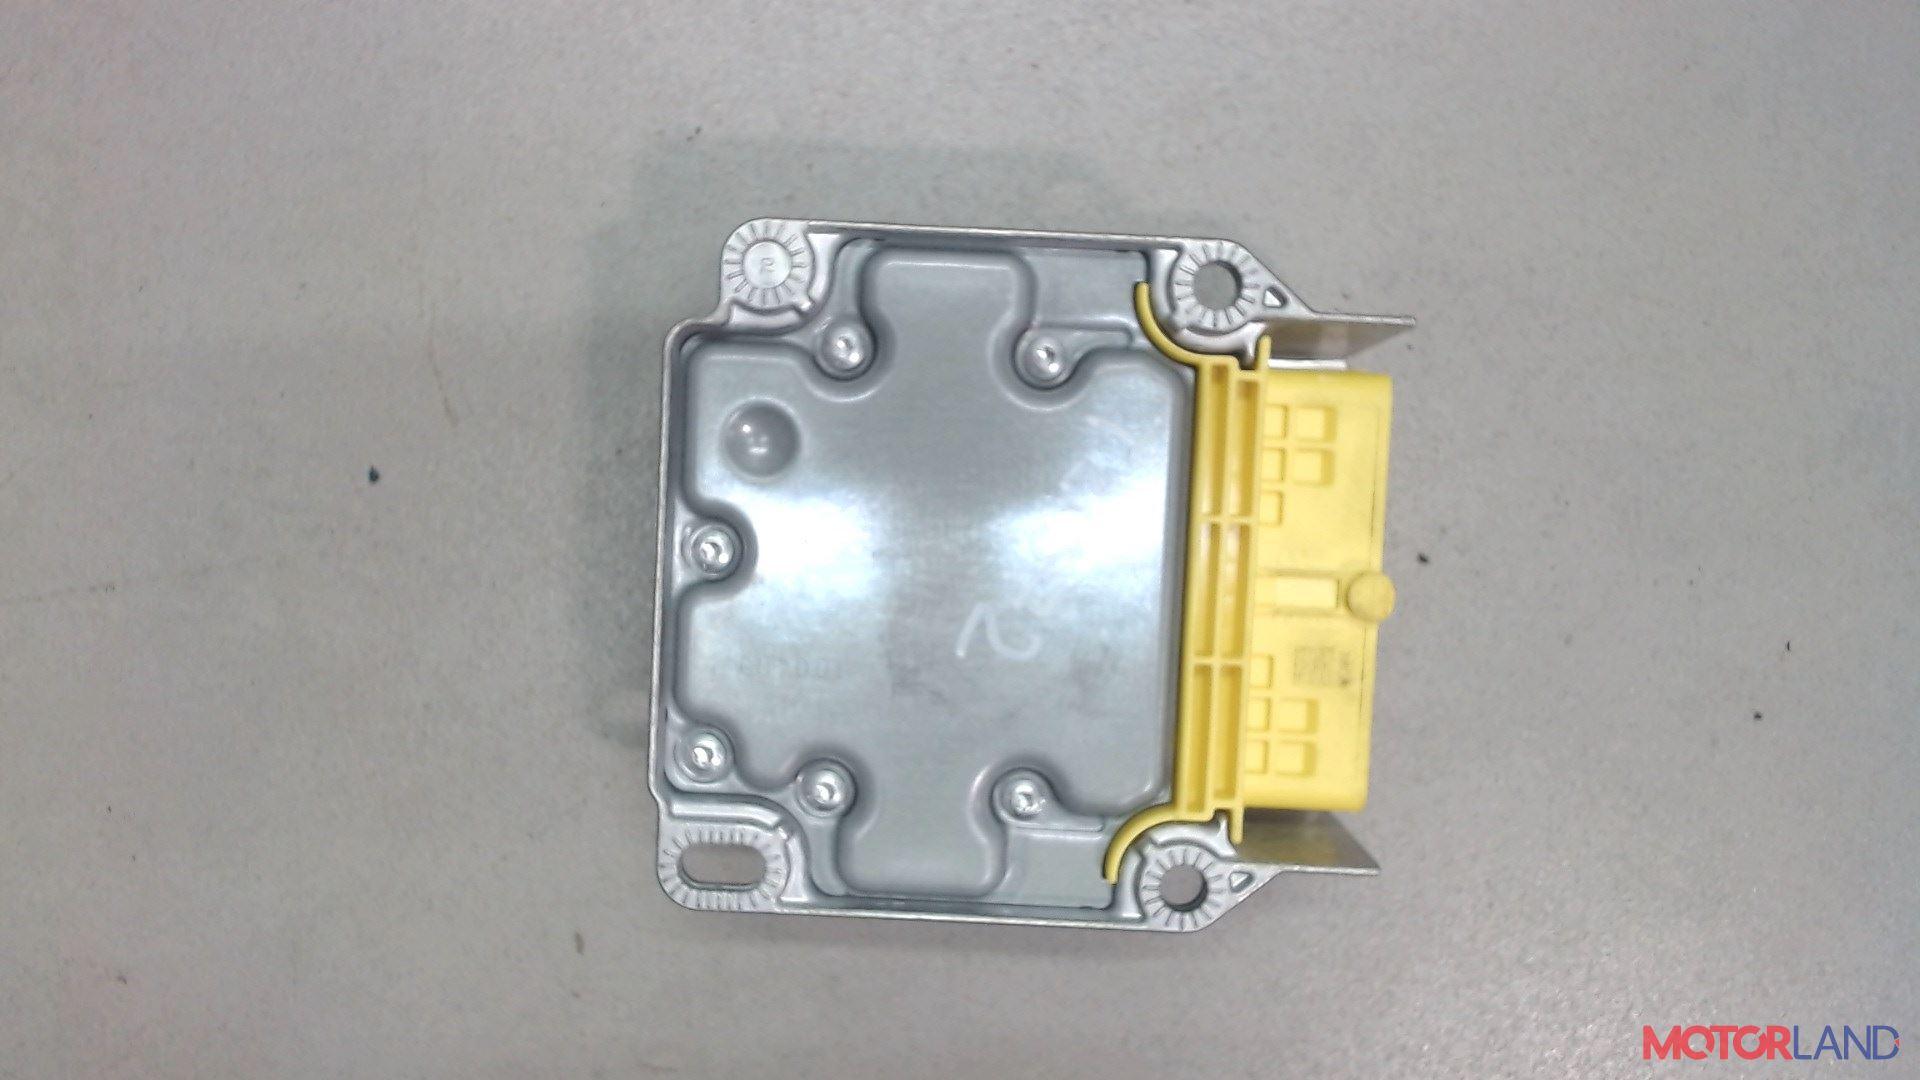 Блок управления (ЭБУ) Audi A6 (C6) 2005-2011 2 л. 2009 CAGB б/у #2